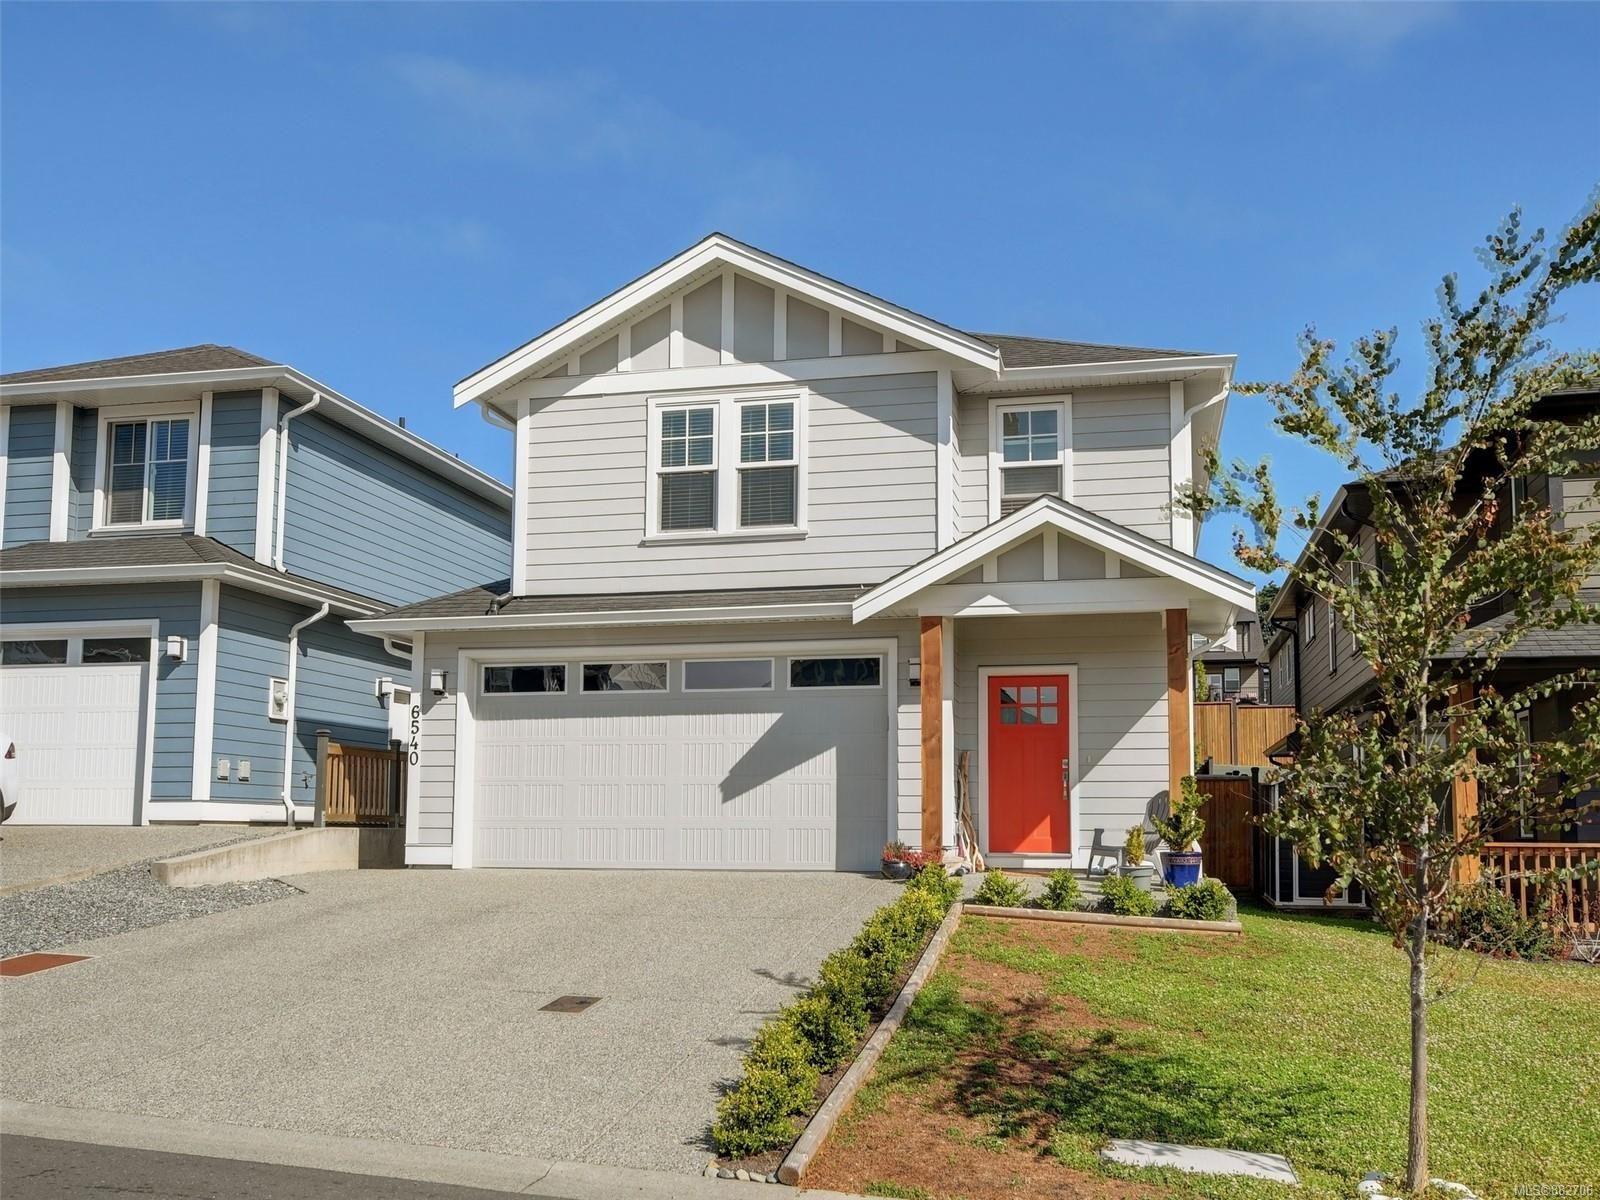 Main Photo: 6540 Arranwood Dr in : Sk Sooke Vill Core House for sale (Sooke)  : MLS®# 882706